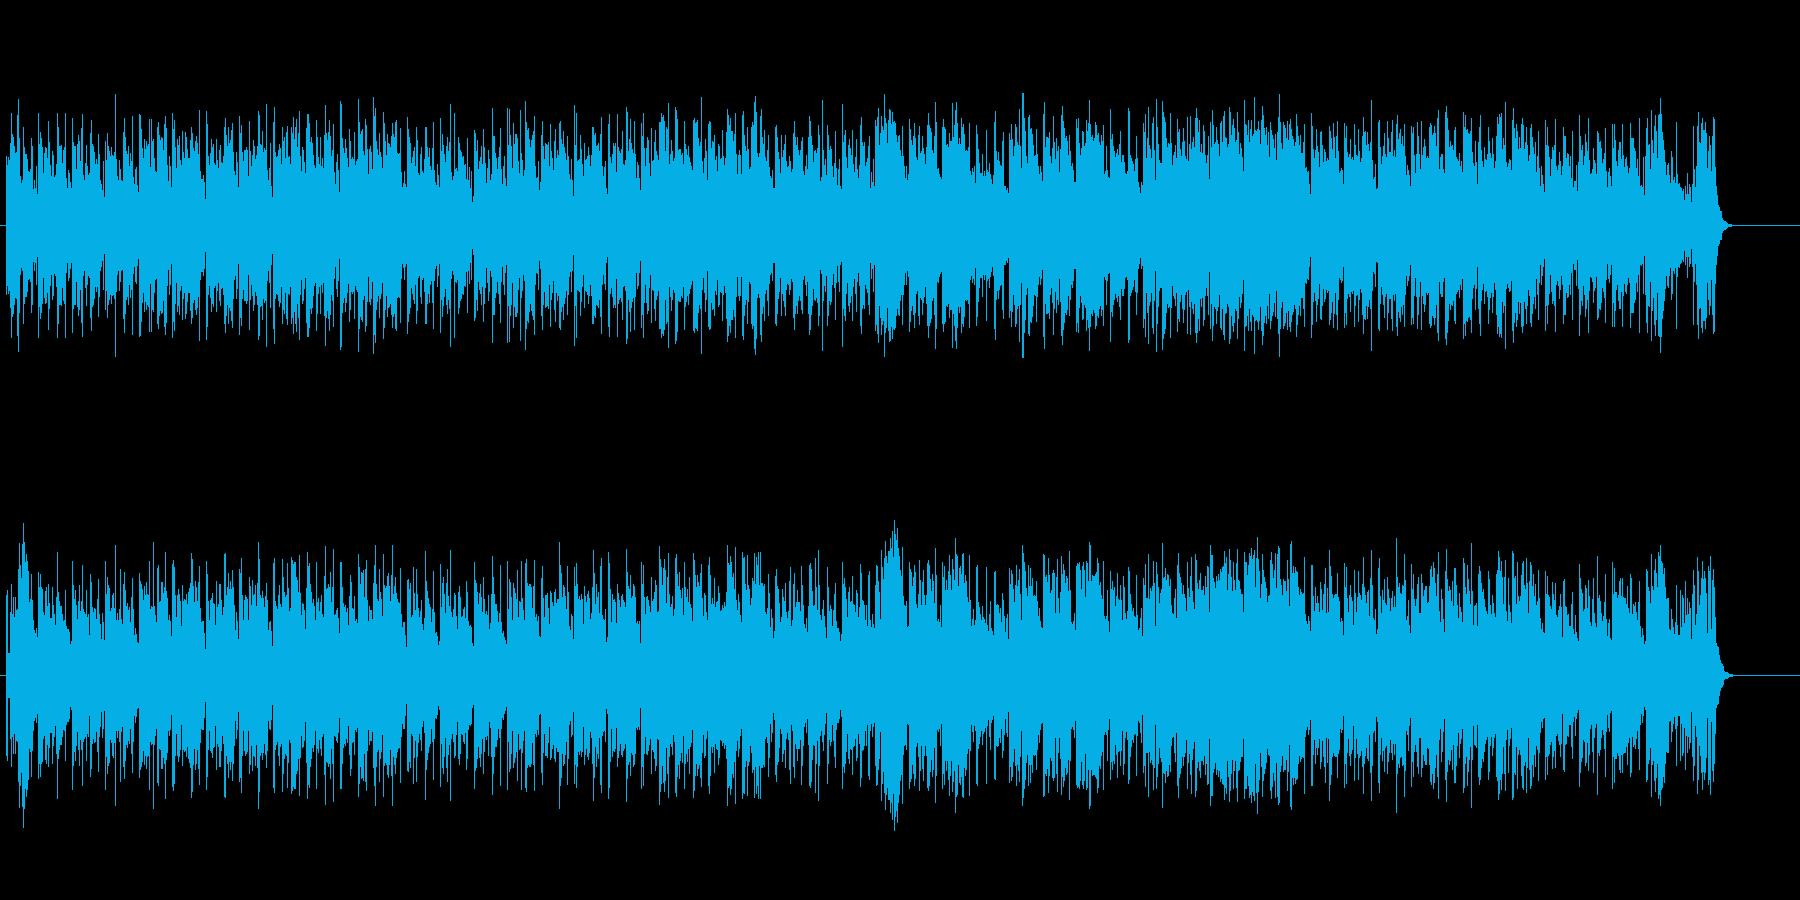 爽快なニュー・ミュージック風ポップスの再生済みの波形